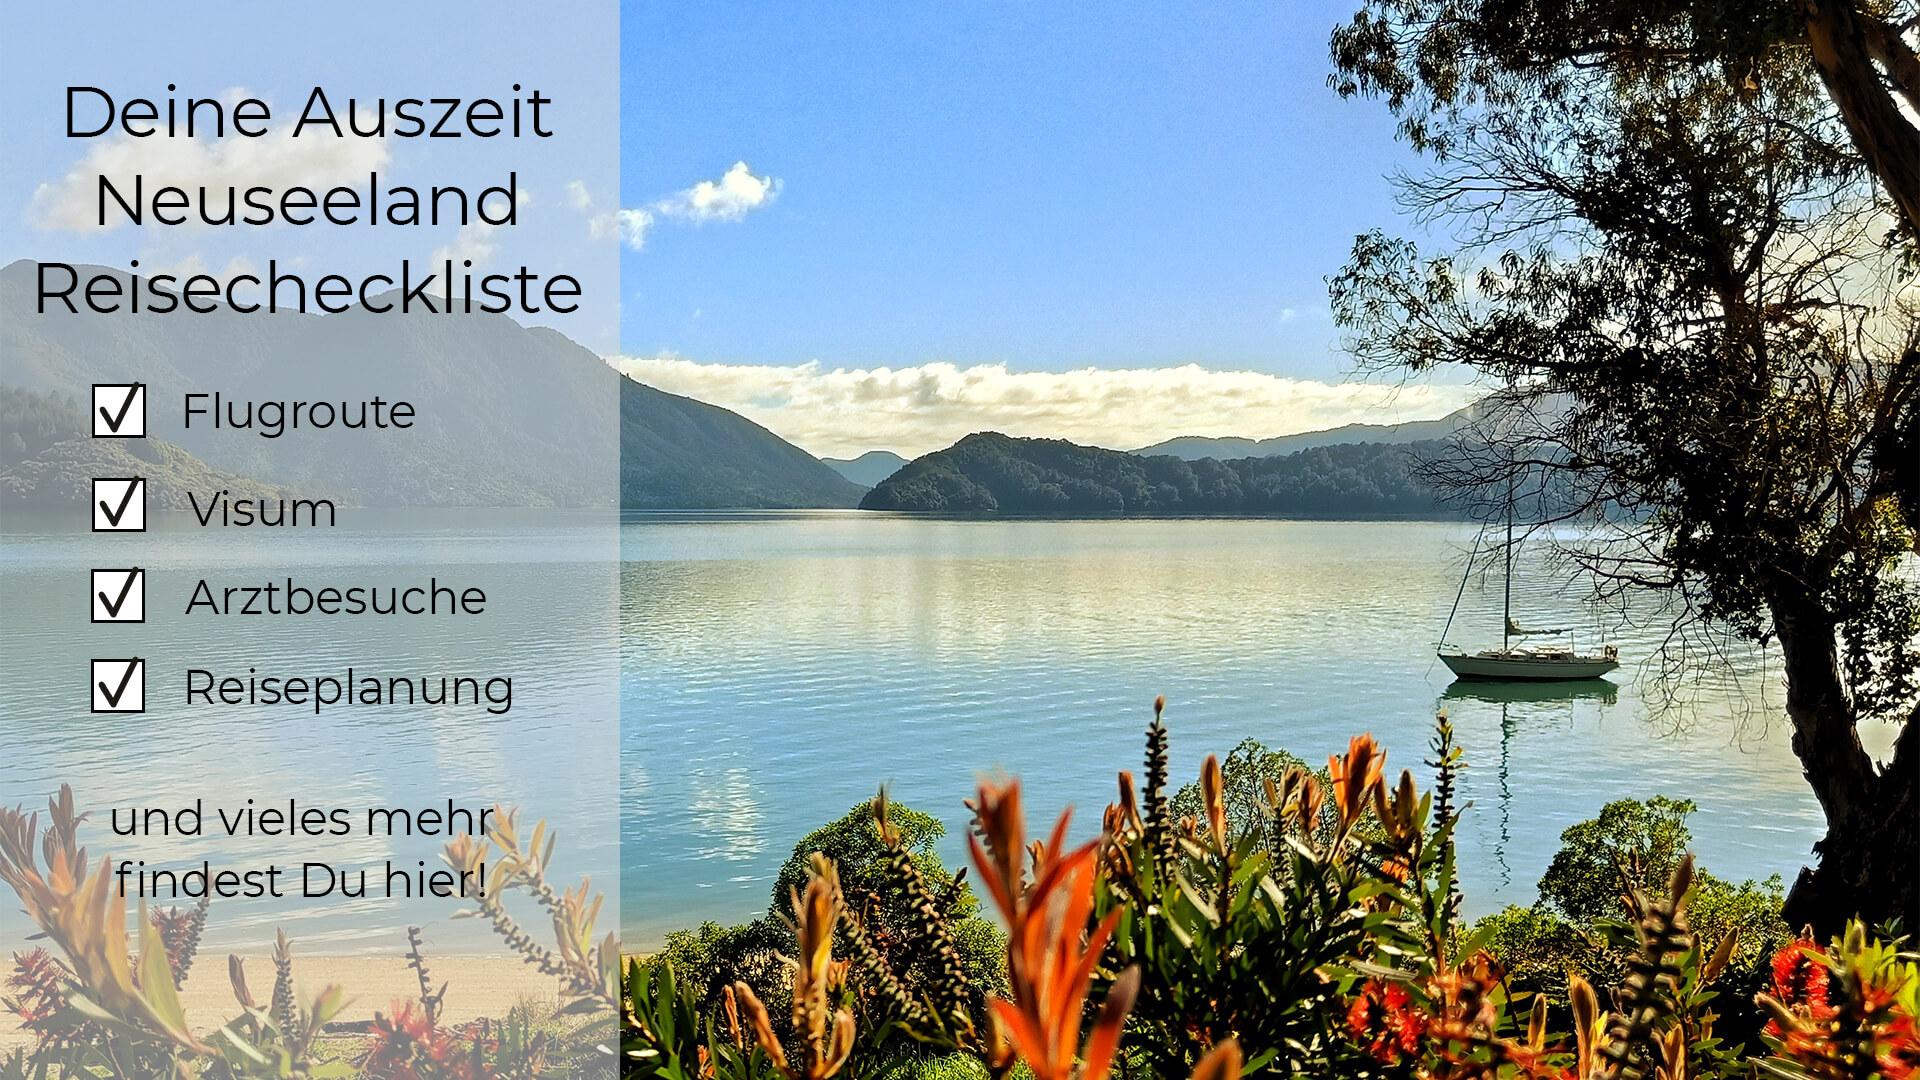 Auszeit Neuseeland Reisecheckliste